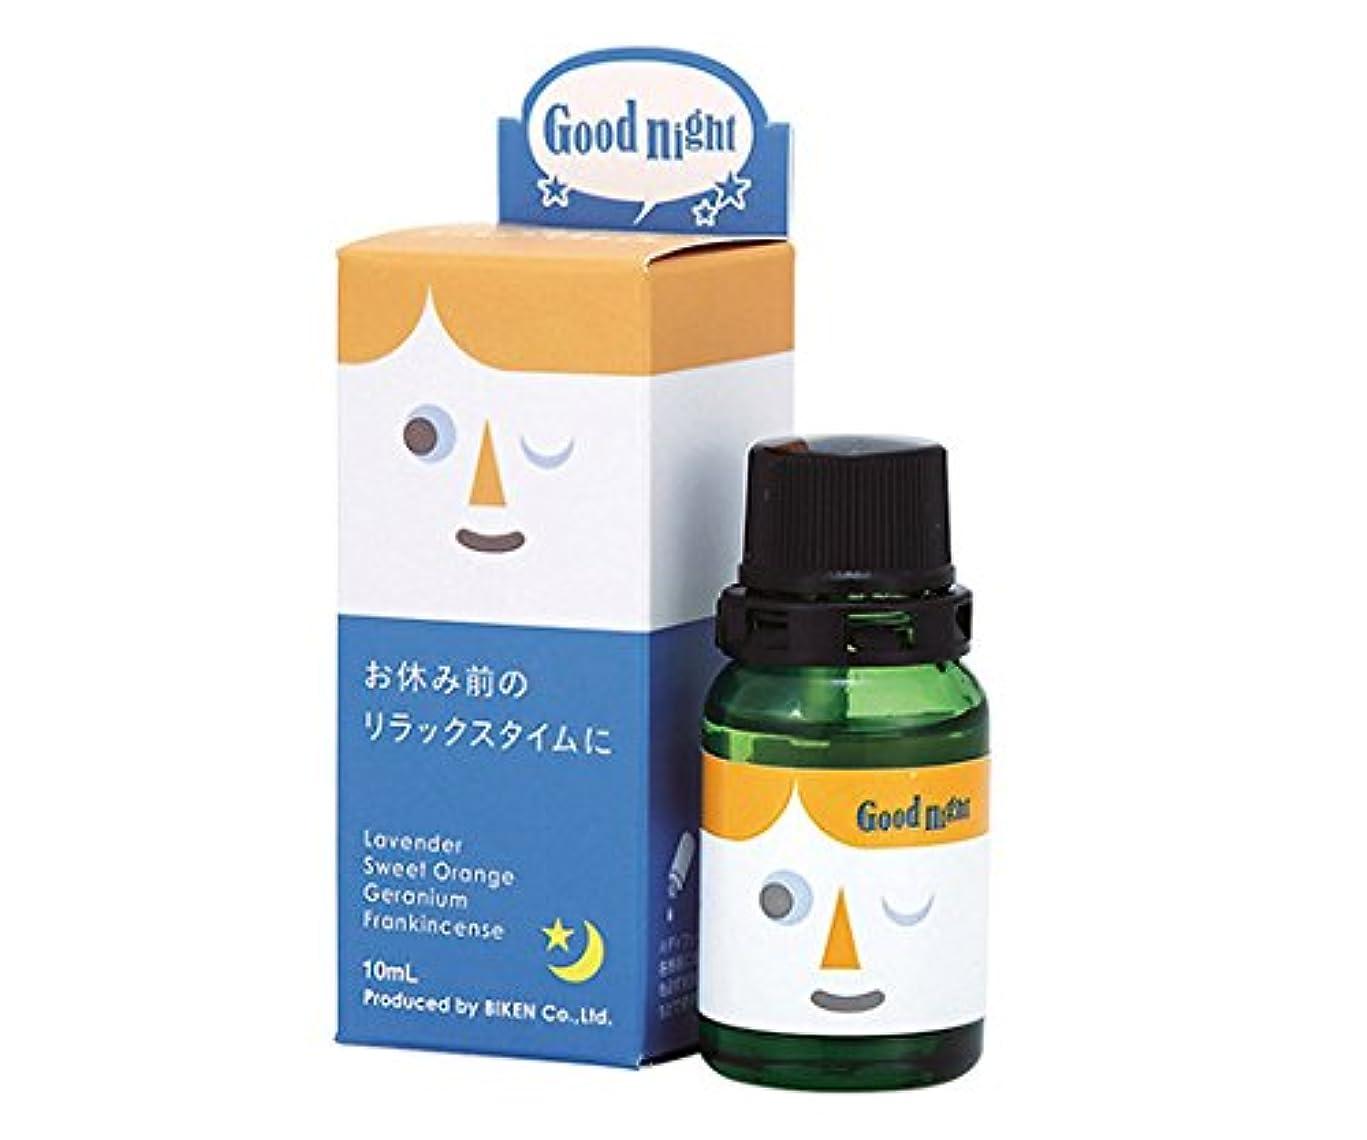 インデックス和らげる言い聞かせる美健8-3405-20水溶性エッセンシャルオイル(グッドナイト)